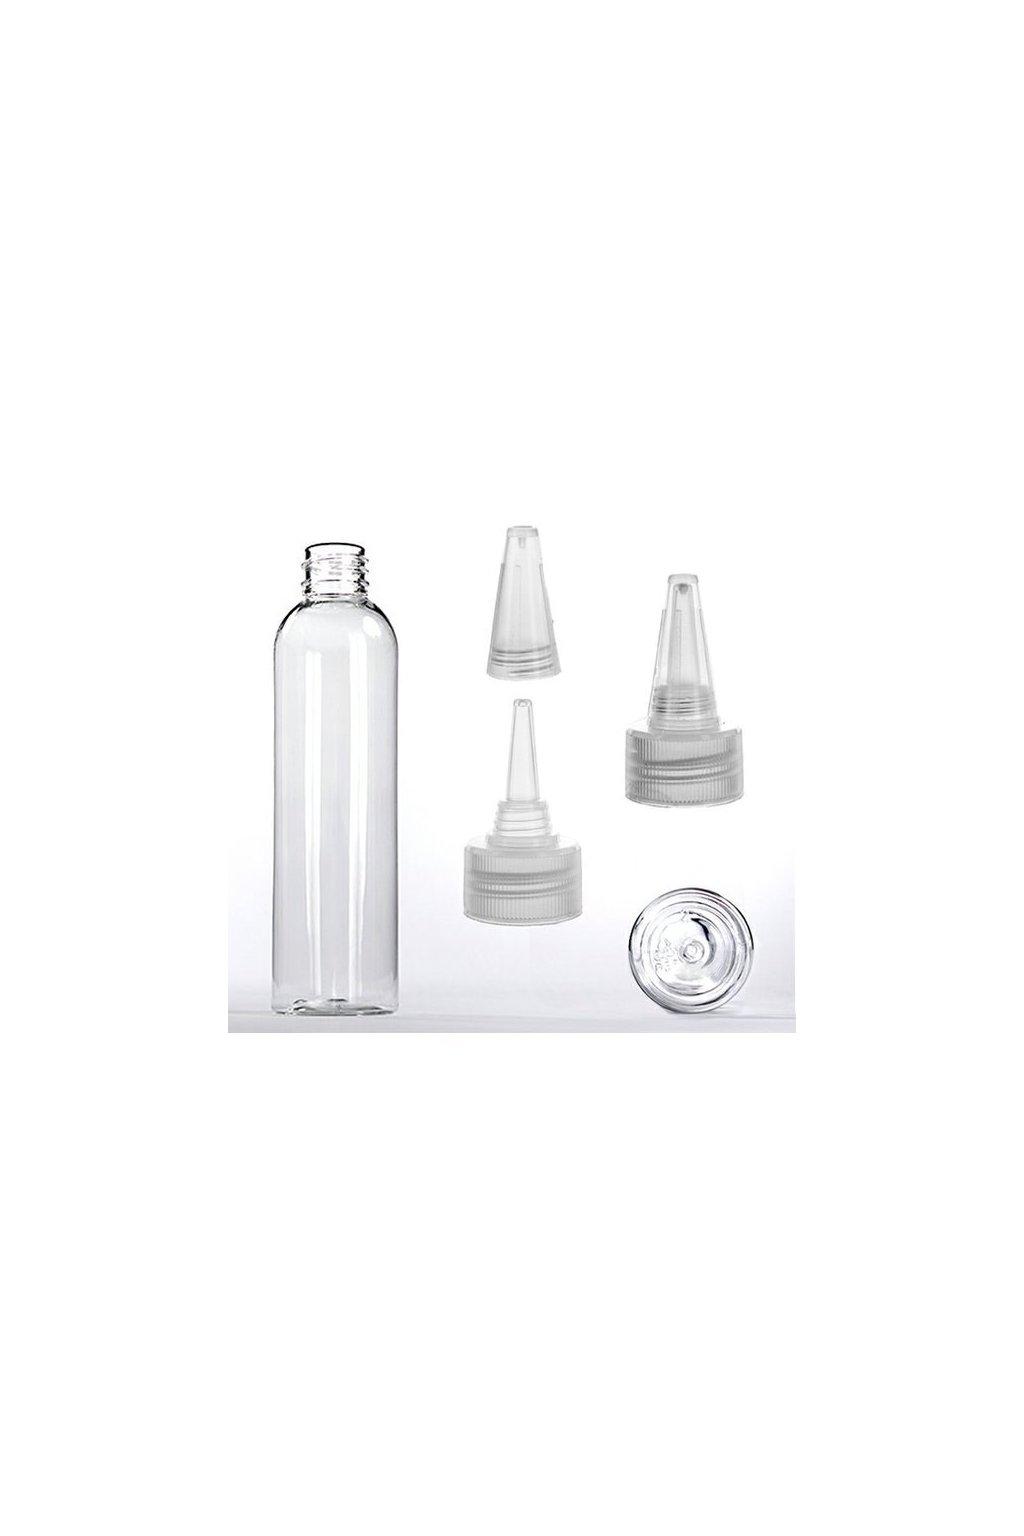 Kameliový olej na konzervaci břitev